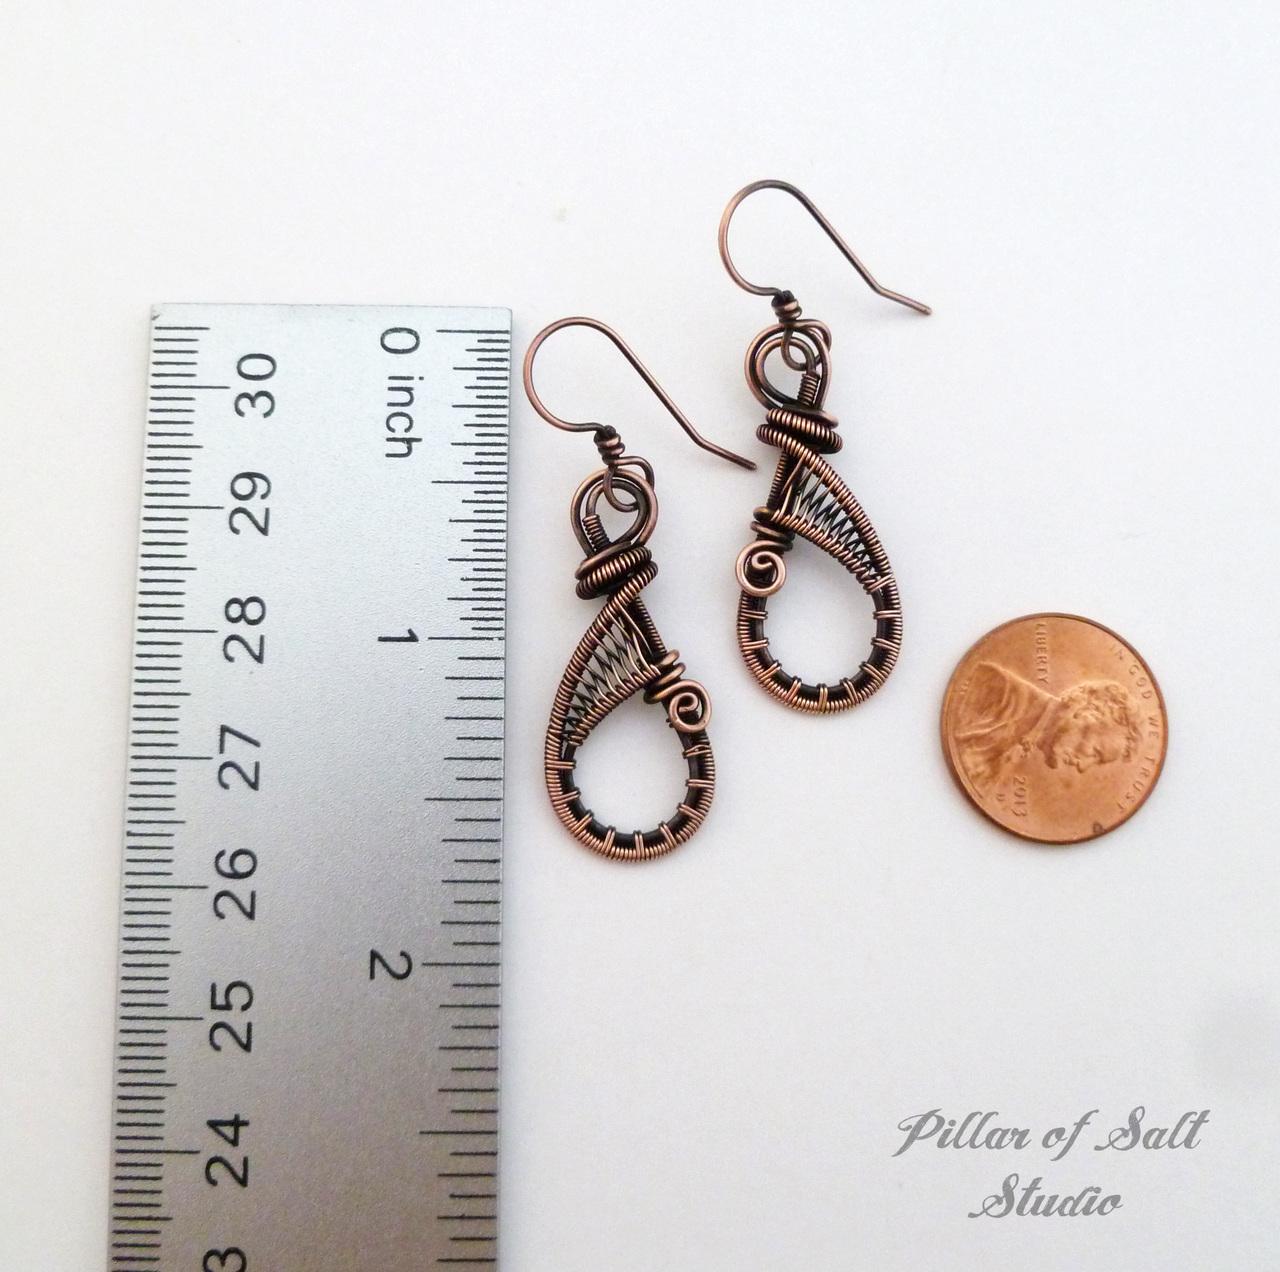 Solid copper woven wire twoven wire teardrop earrings copper jewelry by Pillar of Salt Studioeardrop earrings / earthy jewelry by Pillar of Salt Studio